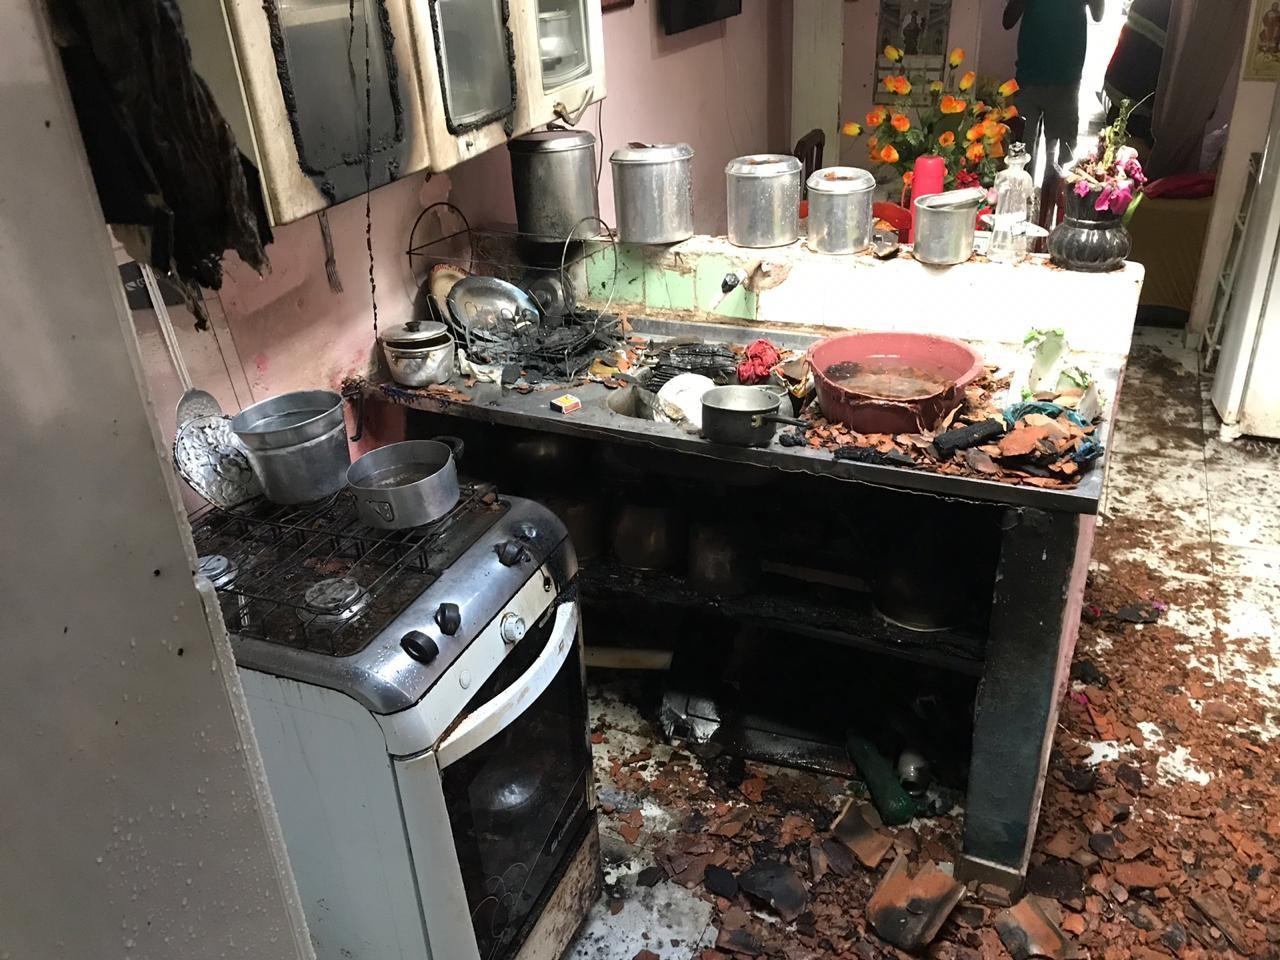 Vazamento de gás provoca incêndio em casa no Bom Parto, em Maceió - Notícias - Plantão Diário